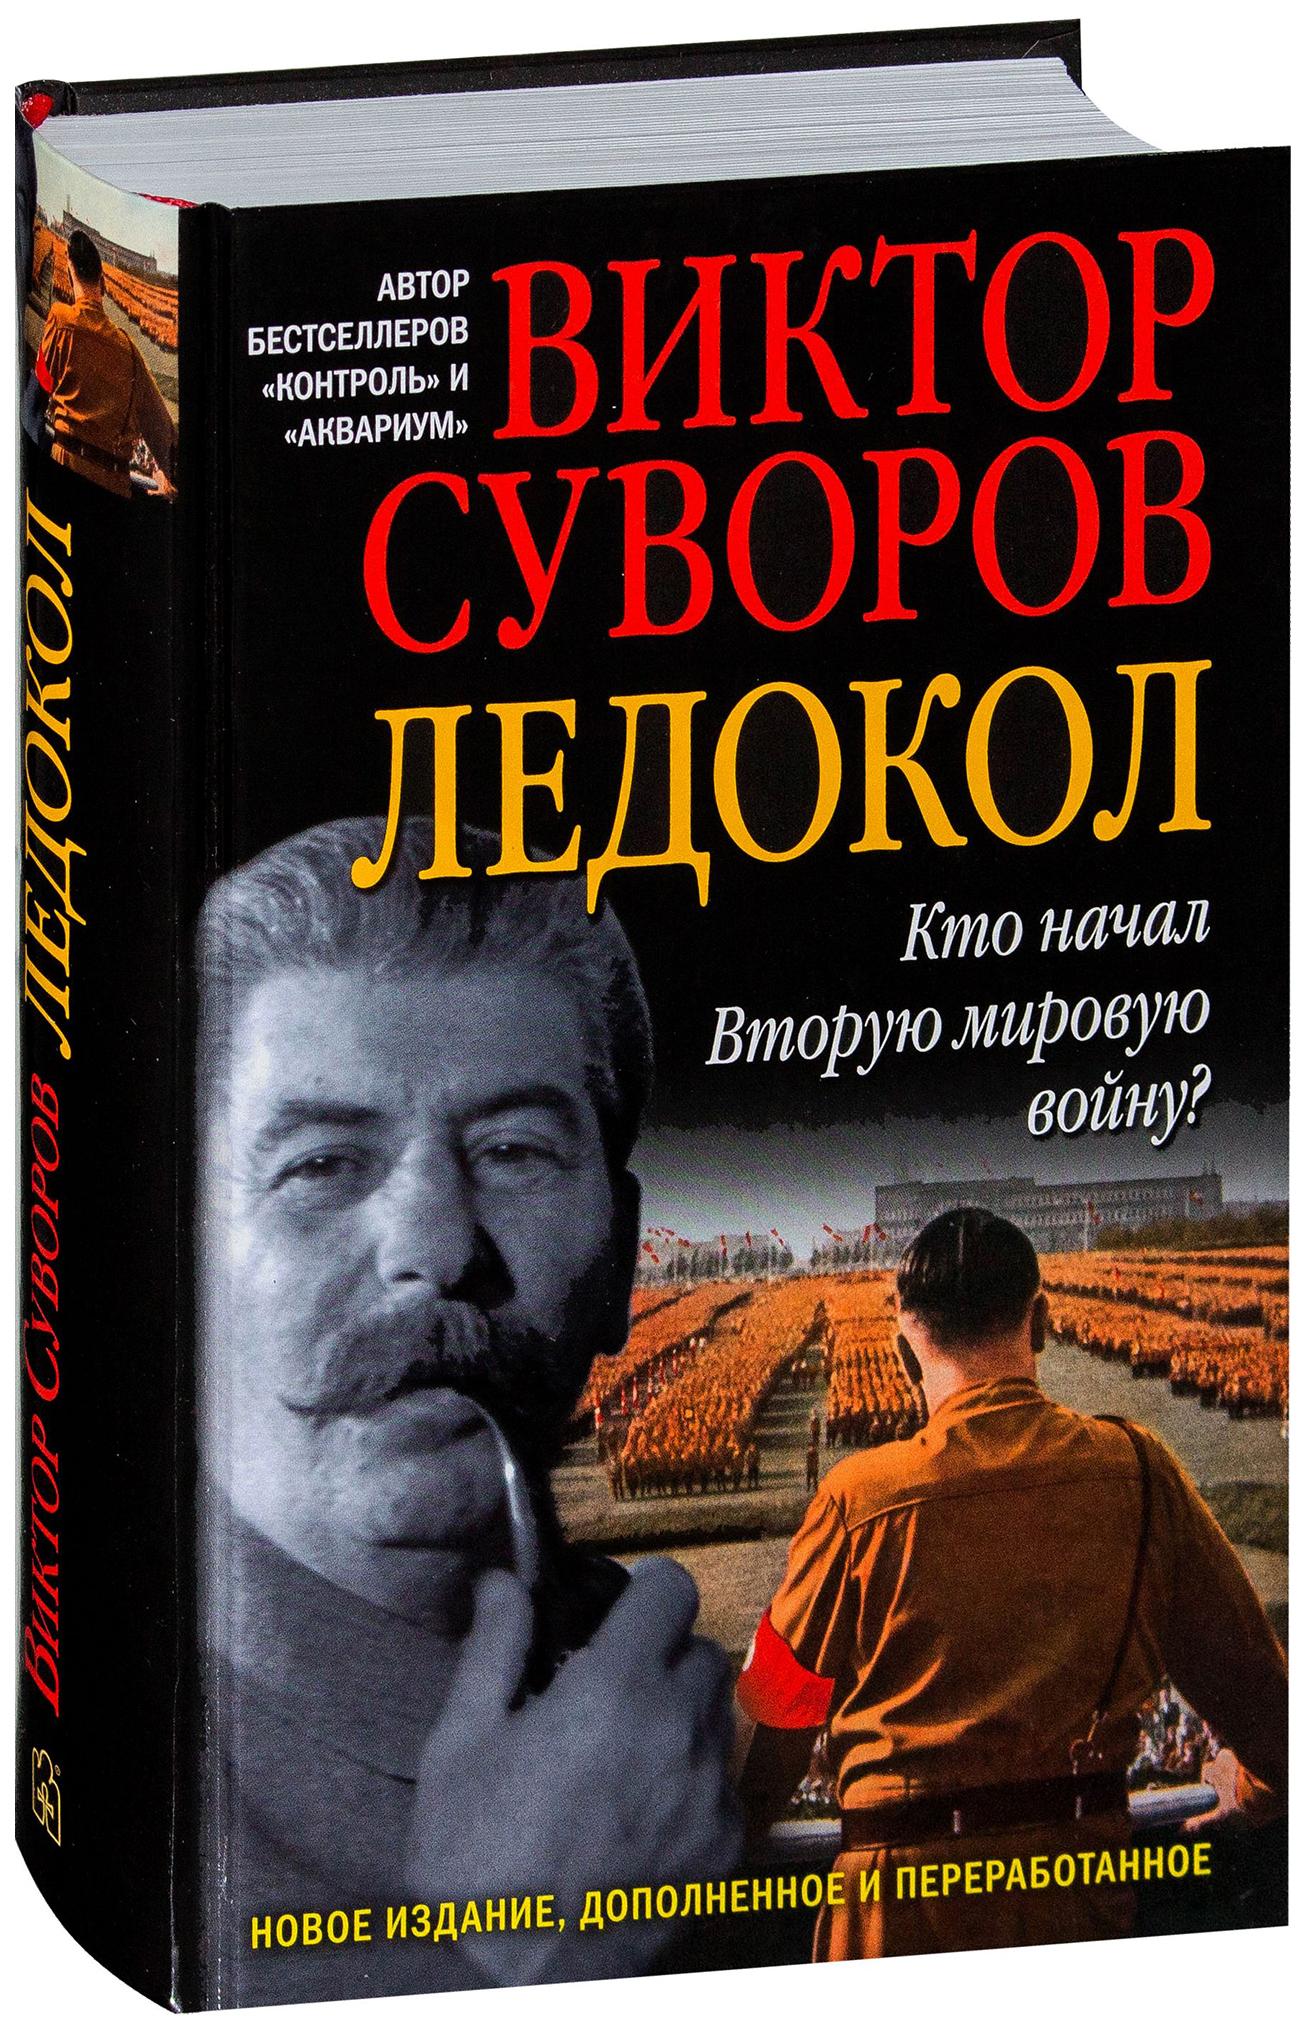 Книга Добрая книга Суворов В. ледокол кто начал Вторую Мировую Войну? фото